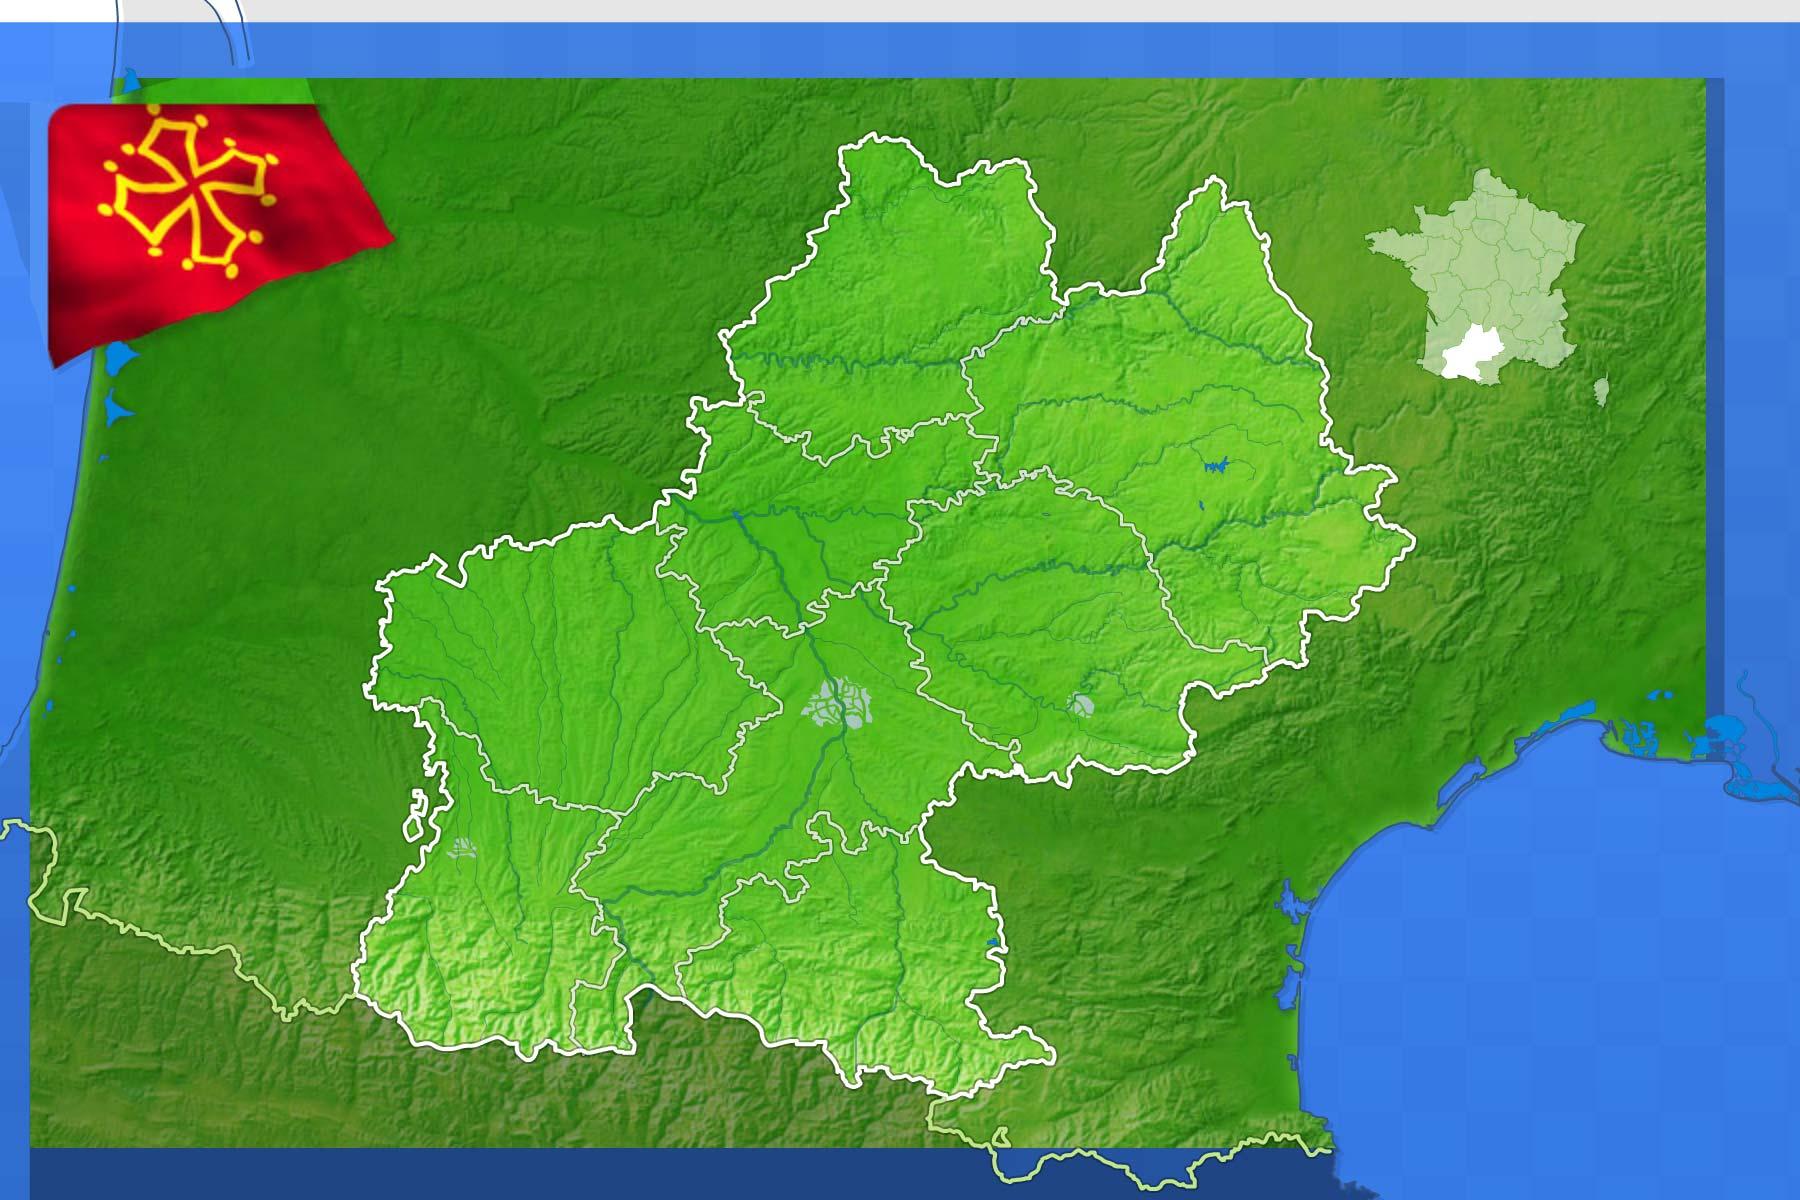 Jeux-Geographiques Jeux Gratuits Villes De Midi Pyrenees pour Jeux Géographique